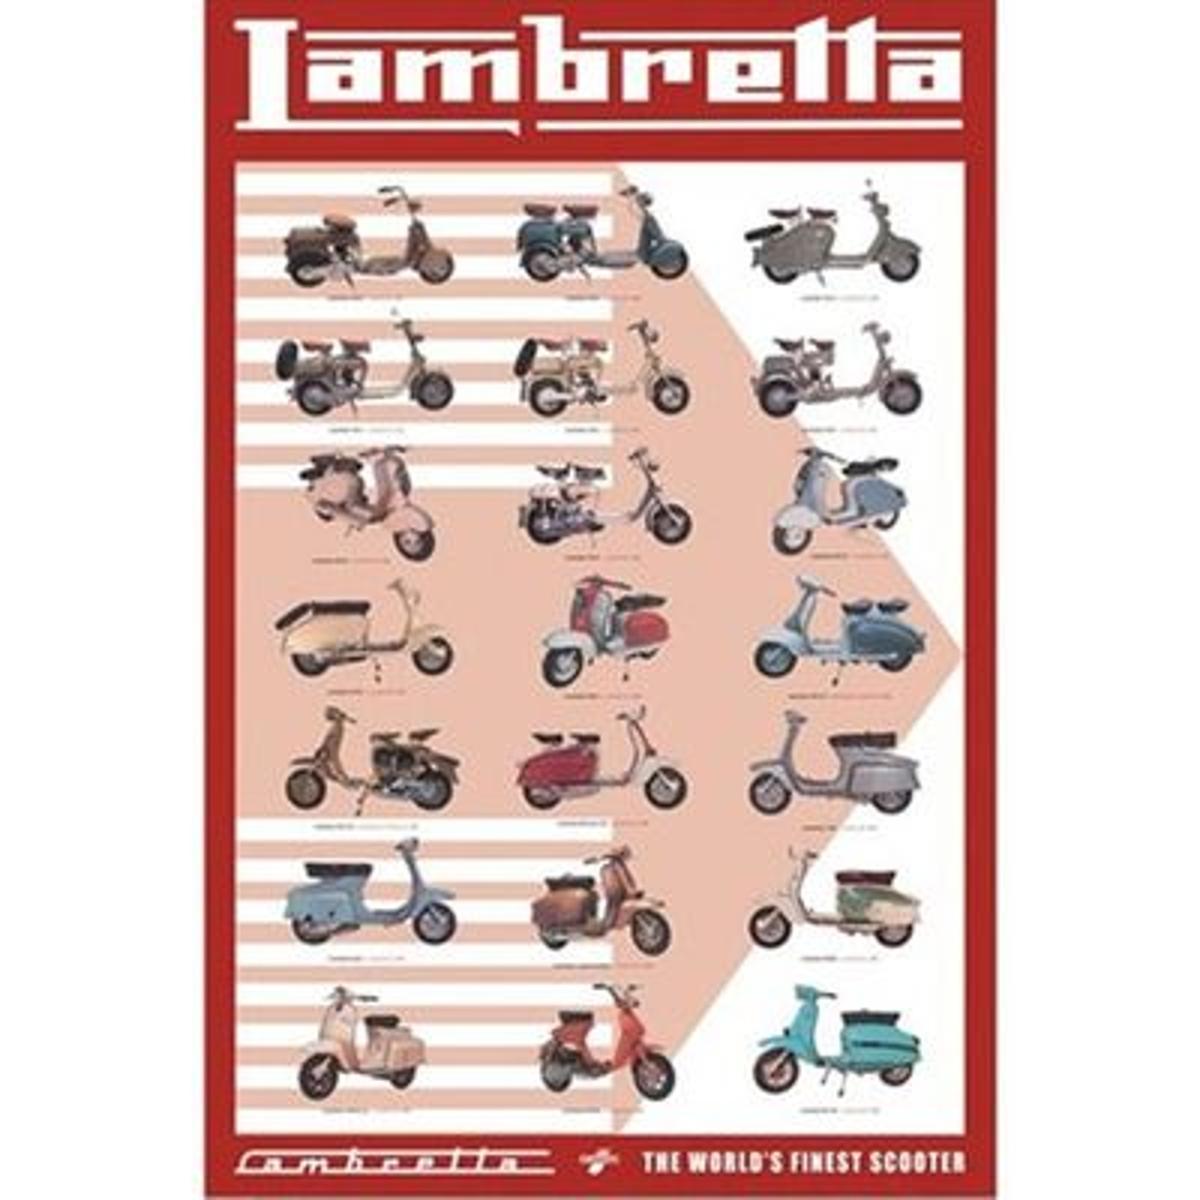 Poster Lambretta Evolution